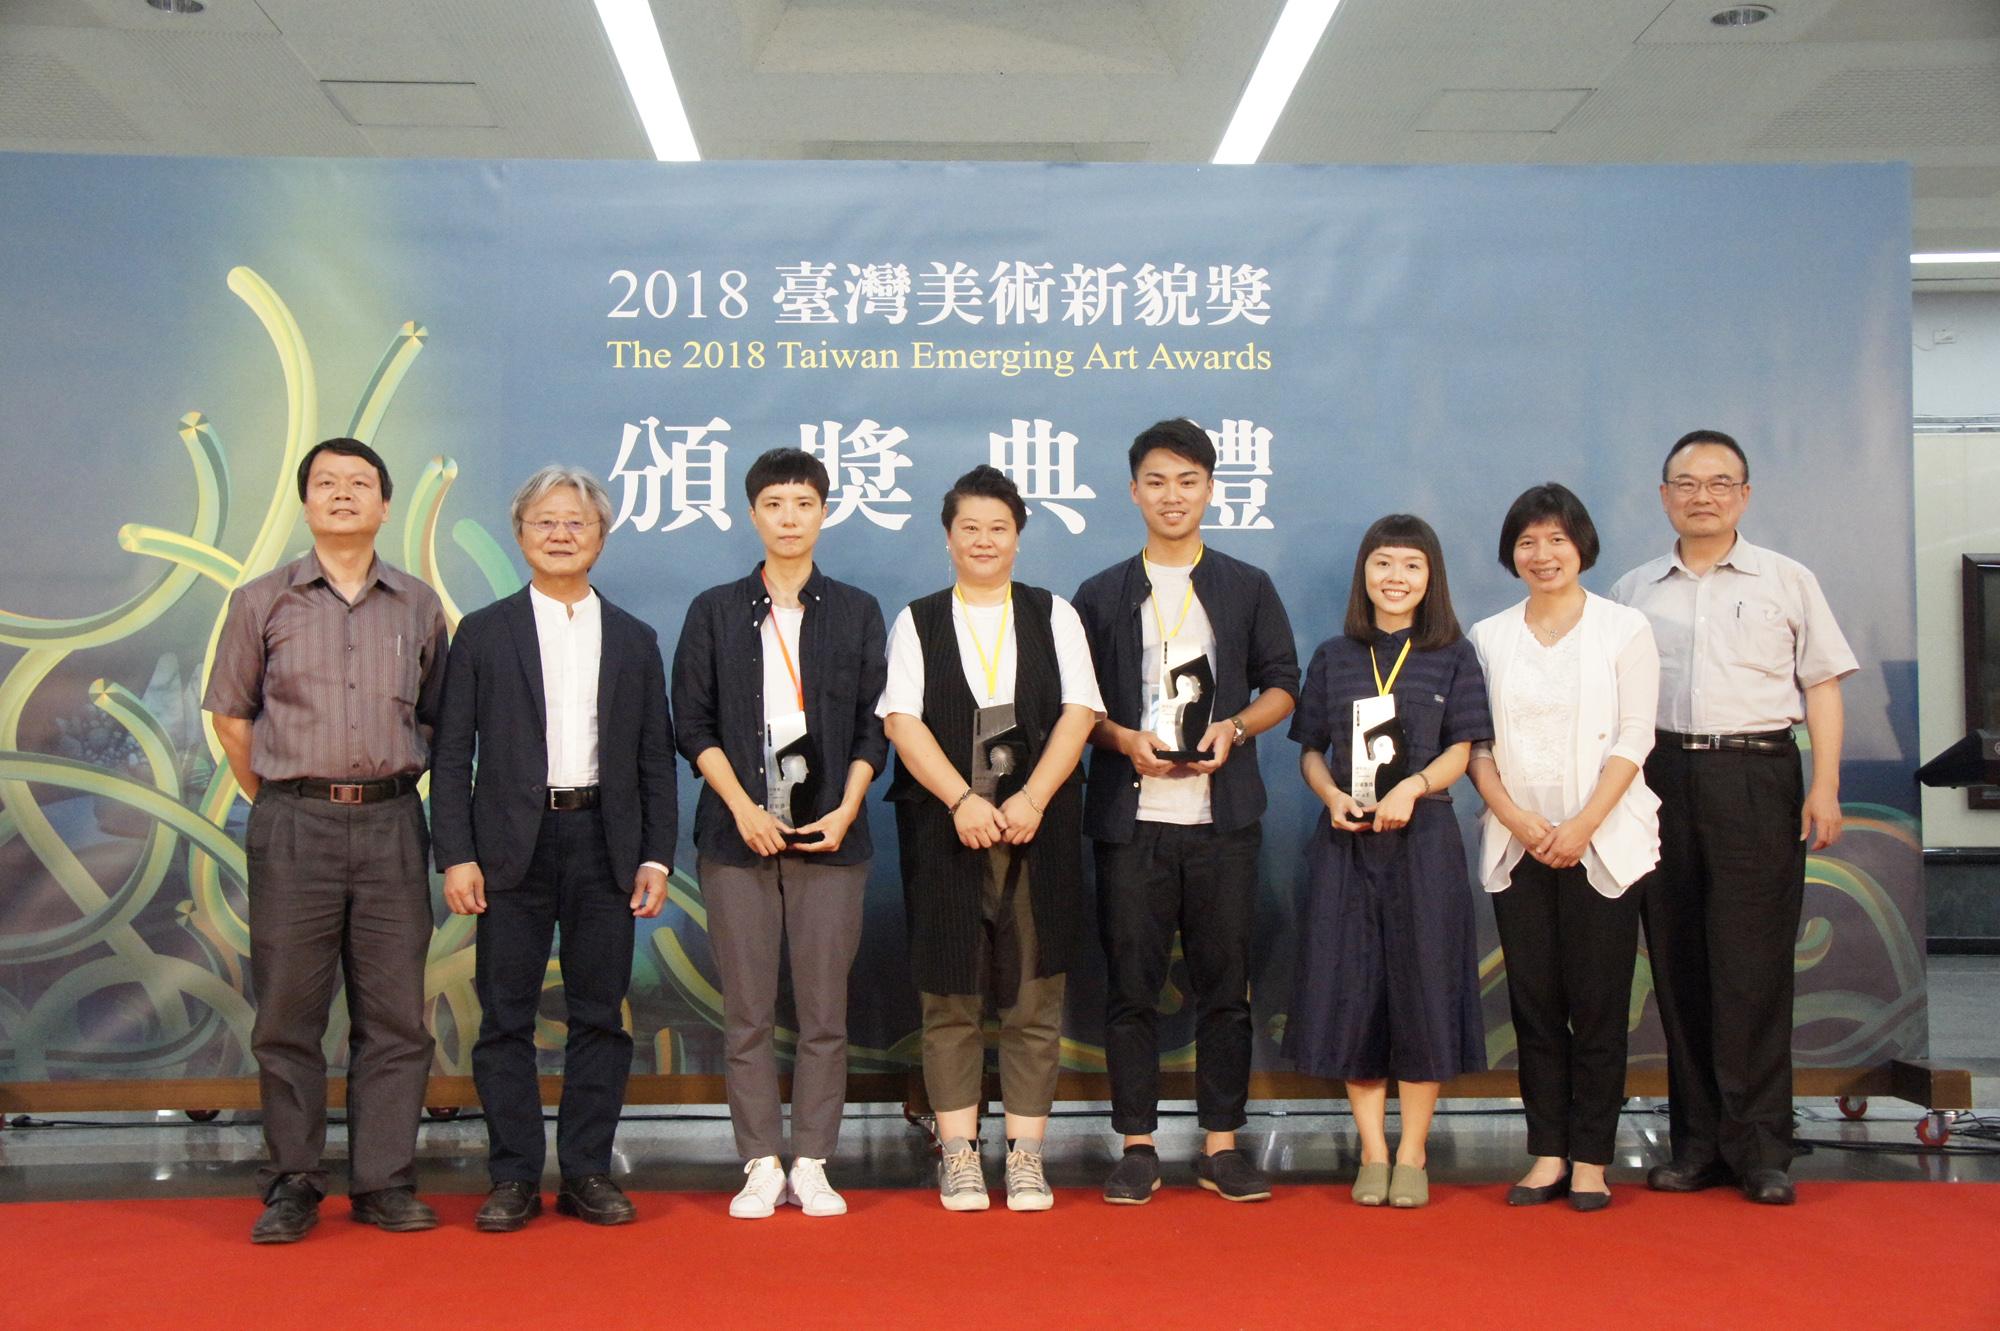 副市長林依瑩參加臺灣美術新貌獎頒獎典禮並與新貌獎及評審團獎得獎者合影